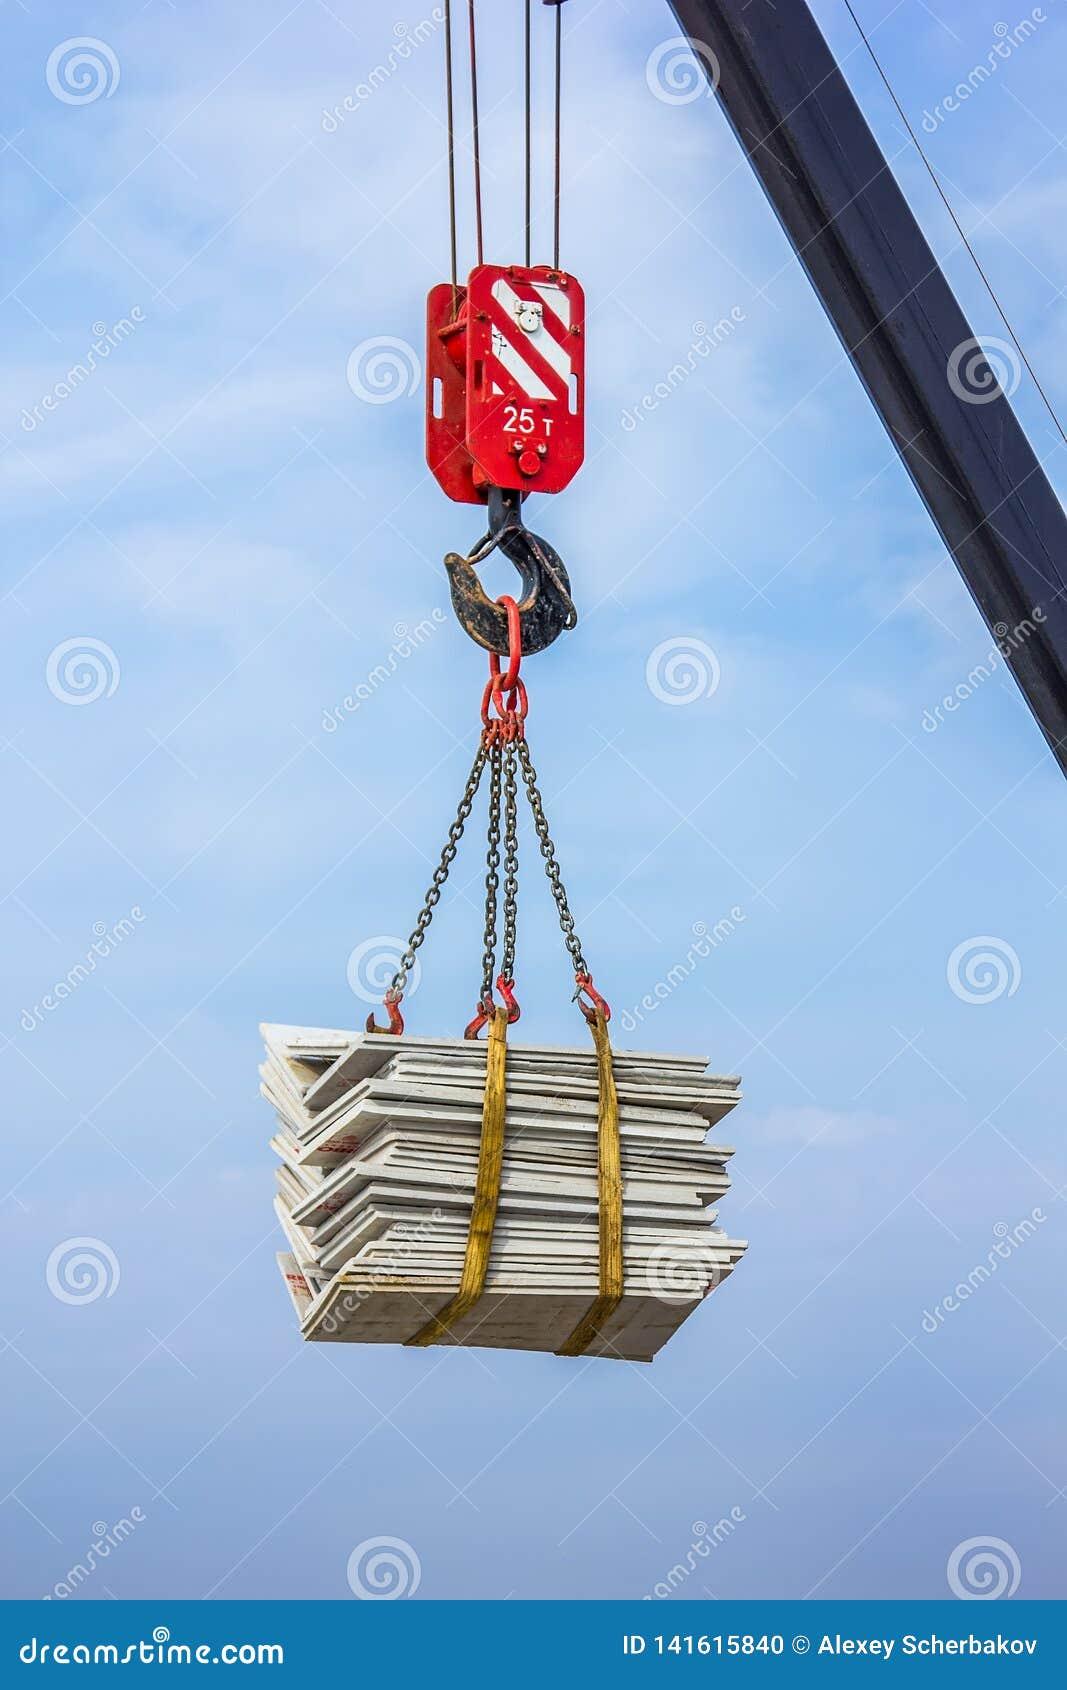 Der Kran hebt eine schwere Last auf einem Haken an